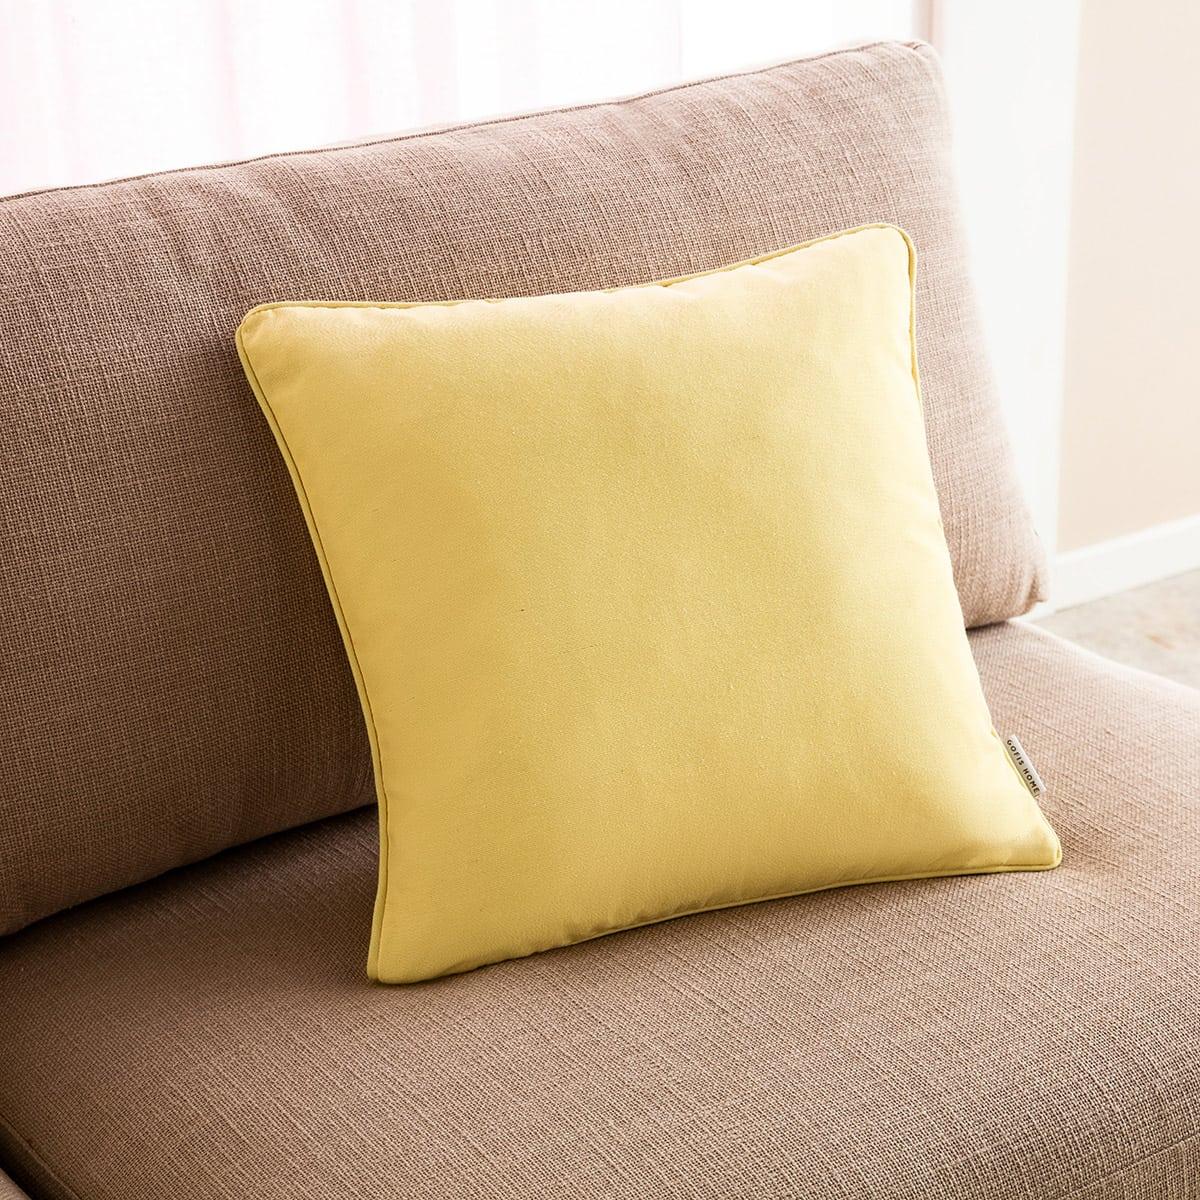 Μαξιλαροθήκη Διακοσμητική Colors 911/10 Lemon Gofis Home 45X45 Βαμβάκι-Polyester